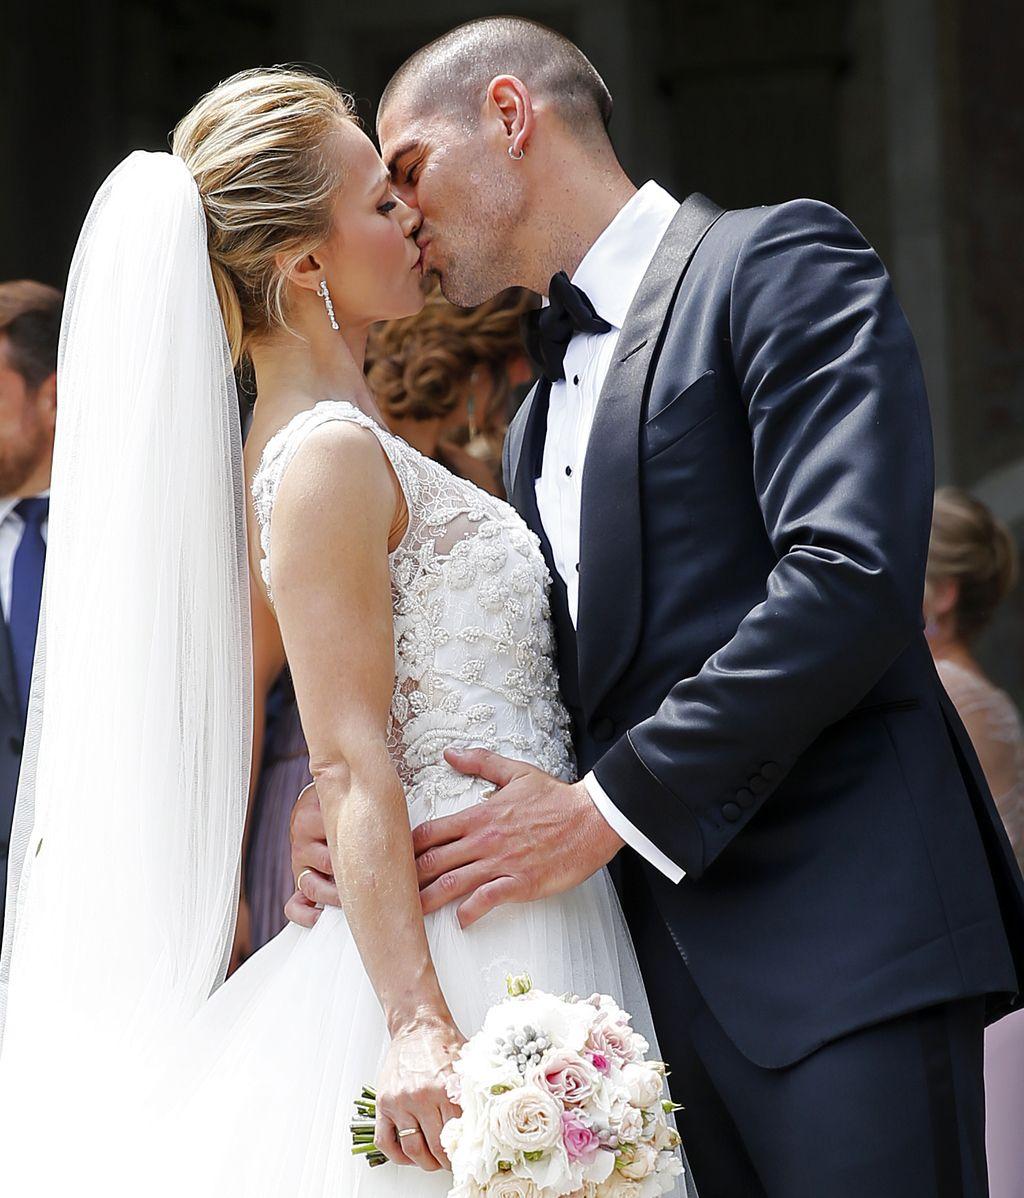 Vanesa Lorenzo, Puyol o Xavi: la boda blaugrana de Víctor Valdés y Yolanda Cardona